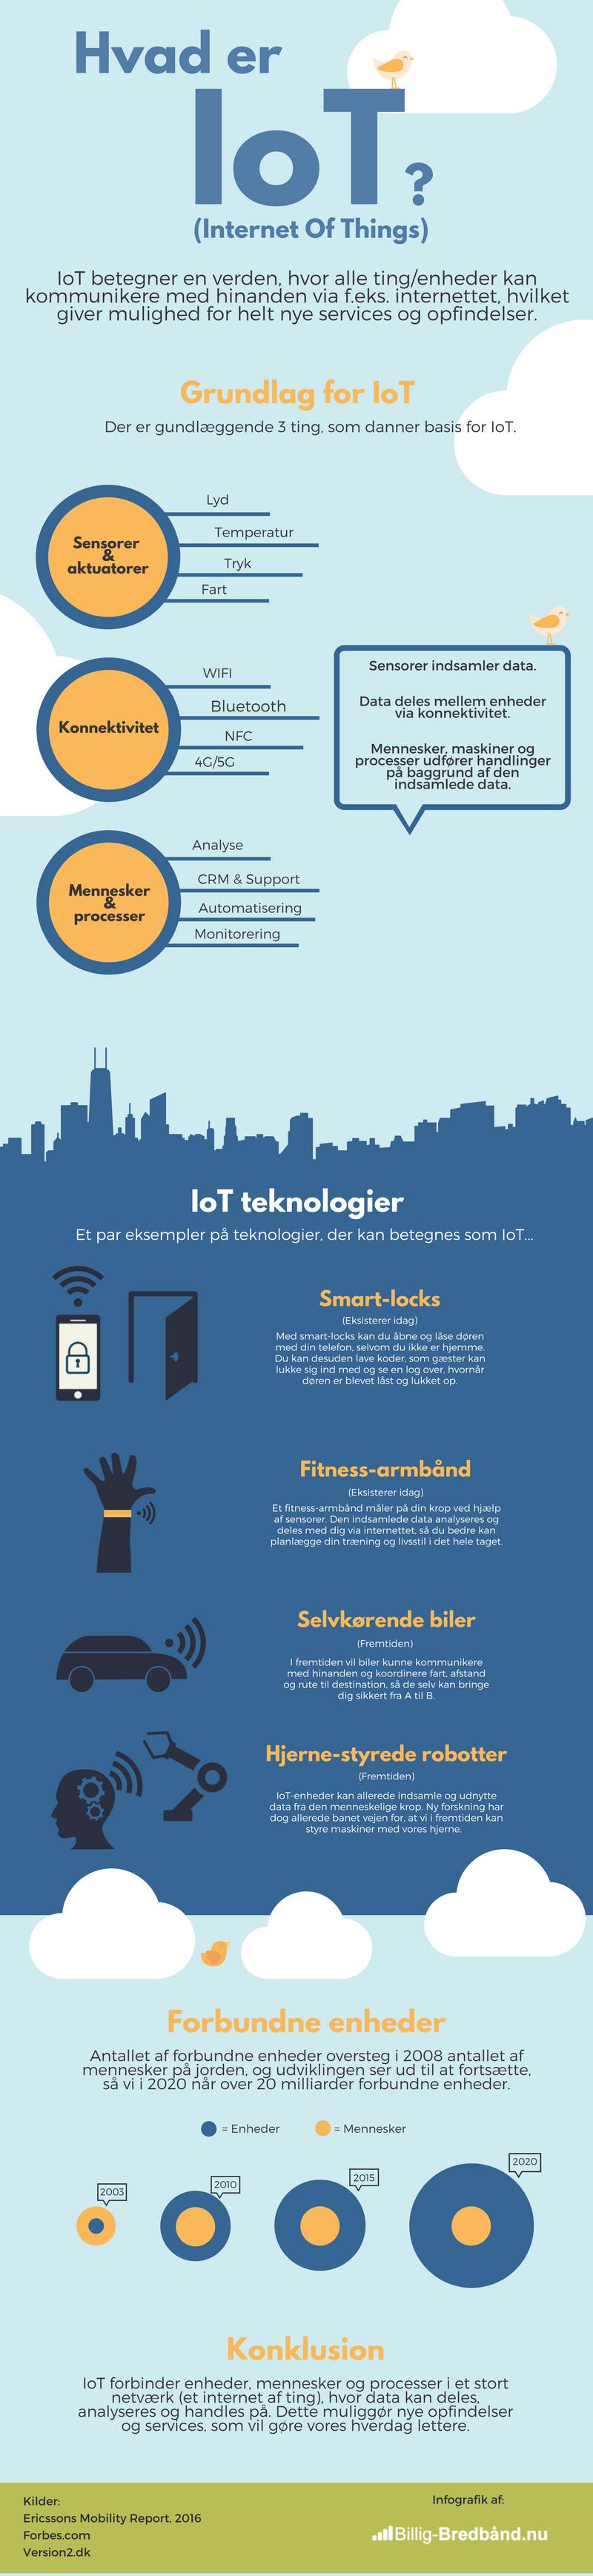 Hvad er IoT?